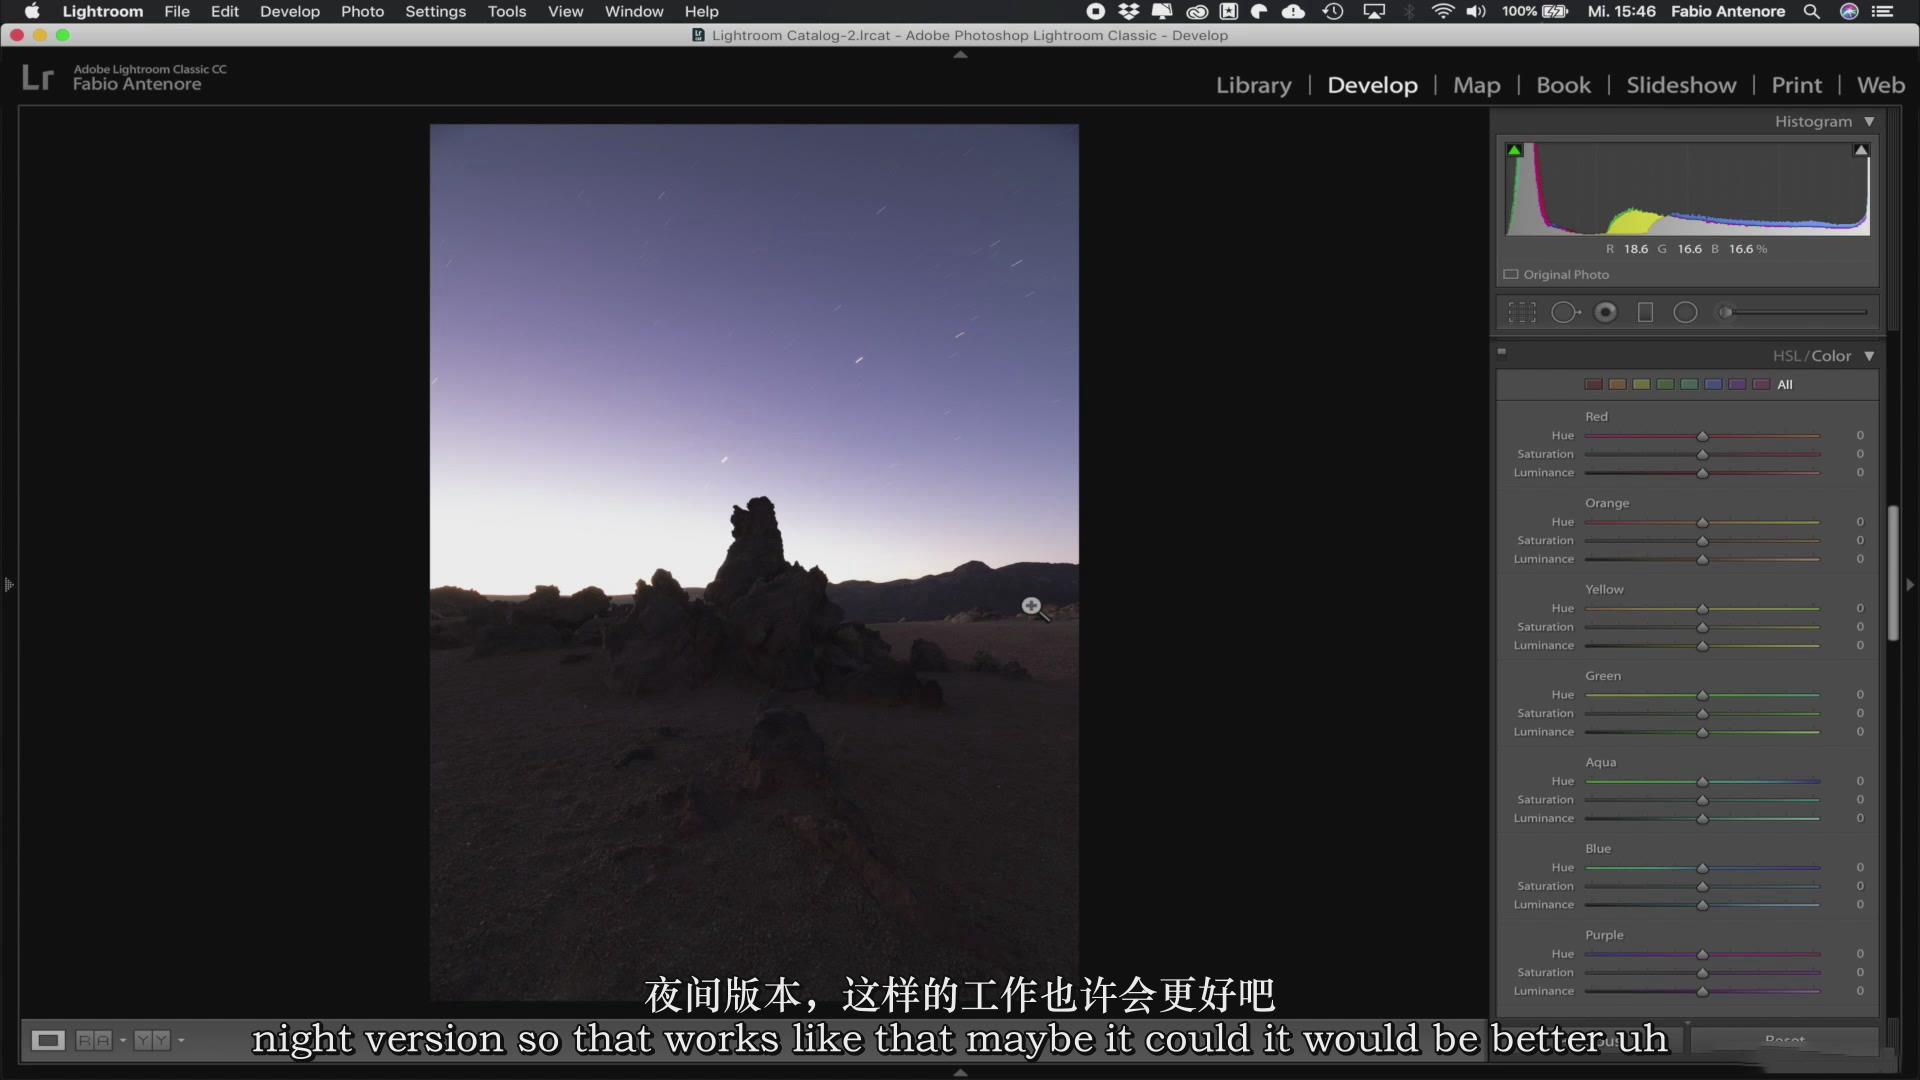 摄影教程_Fabio Antenore-超级真实银河系夜景风光摄影及后期附扩展素材-中英字幕 摄影教程 _预览图20